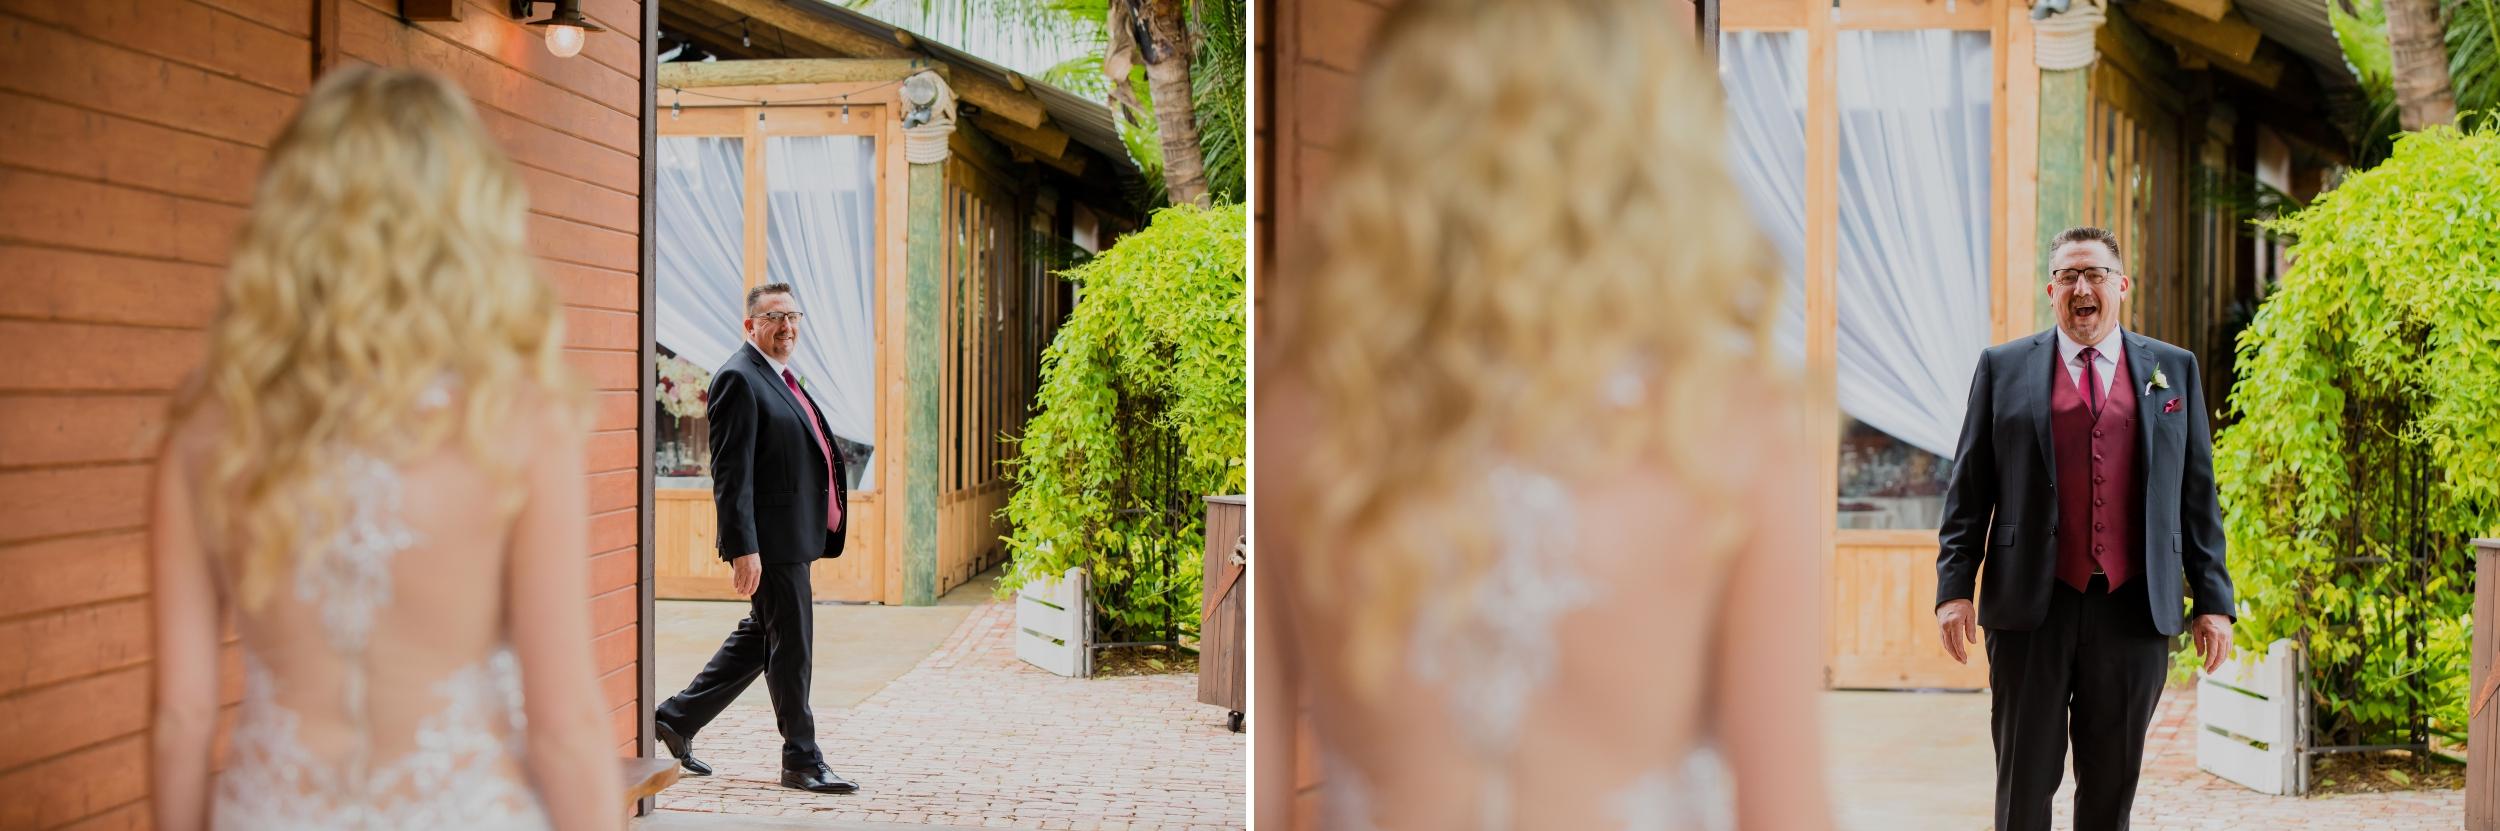 Wedding Redland Farm Life - Santy Martinez Photography 6.jpg